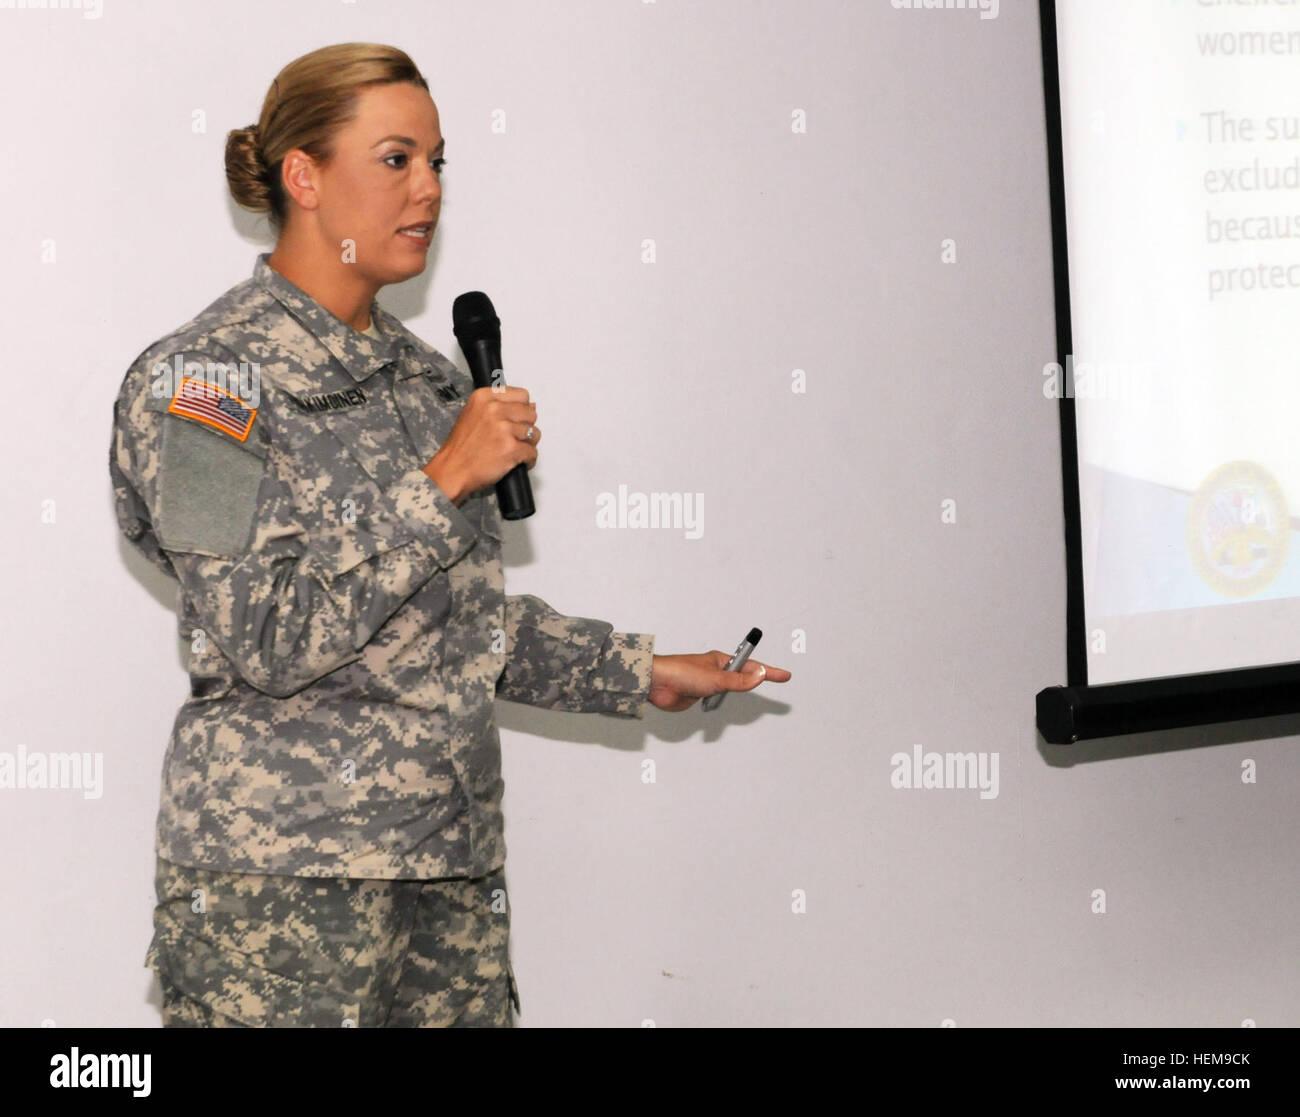 Fein Militär Bilderrahmen Armee Fotos - Rahmen Ideen ...